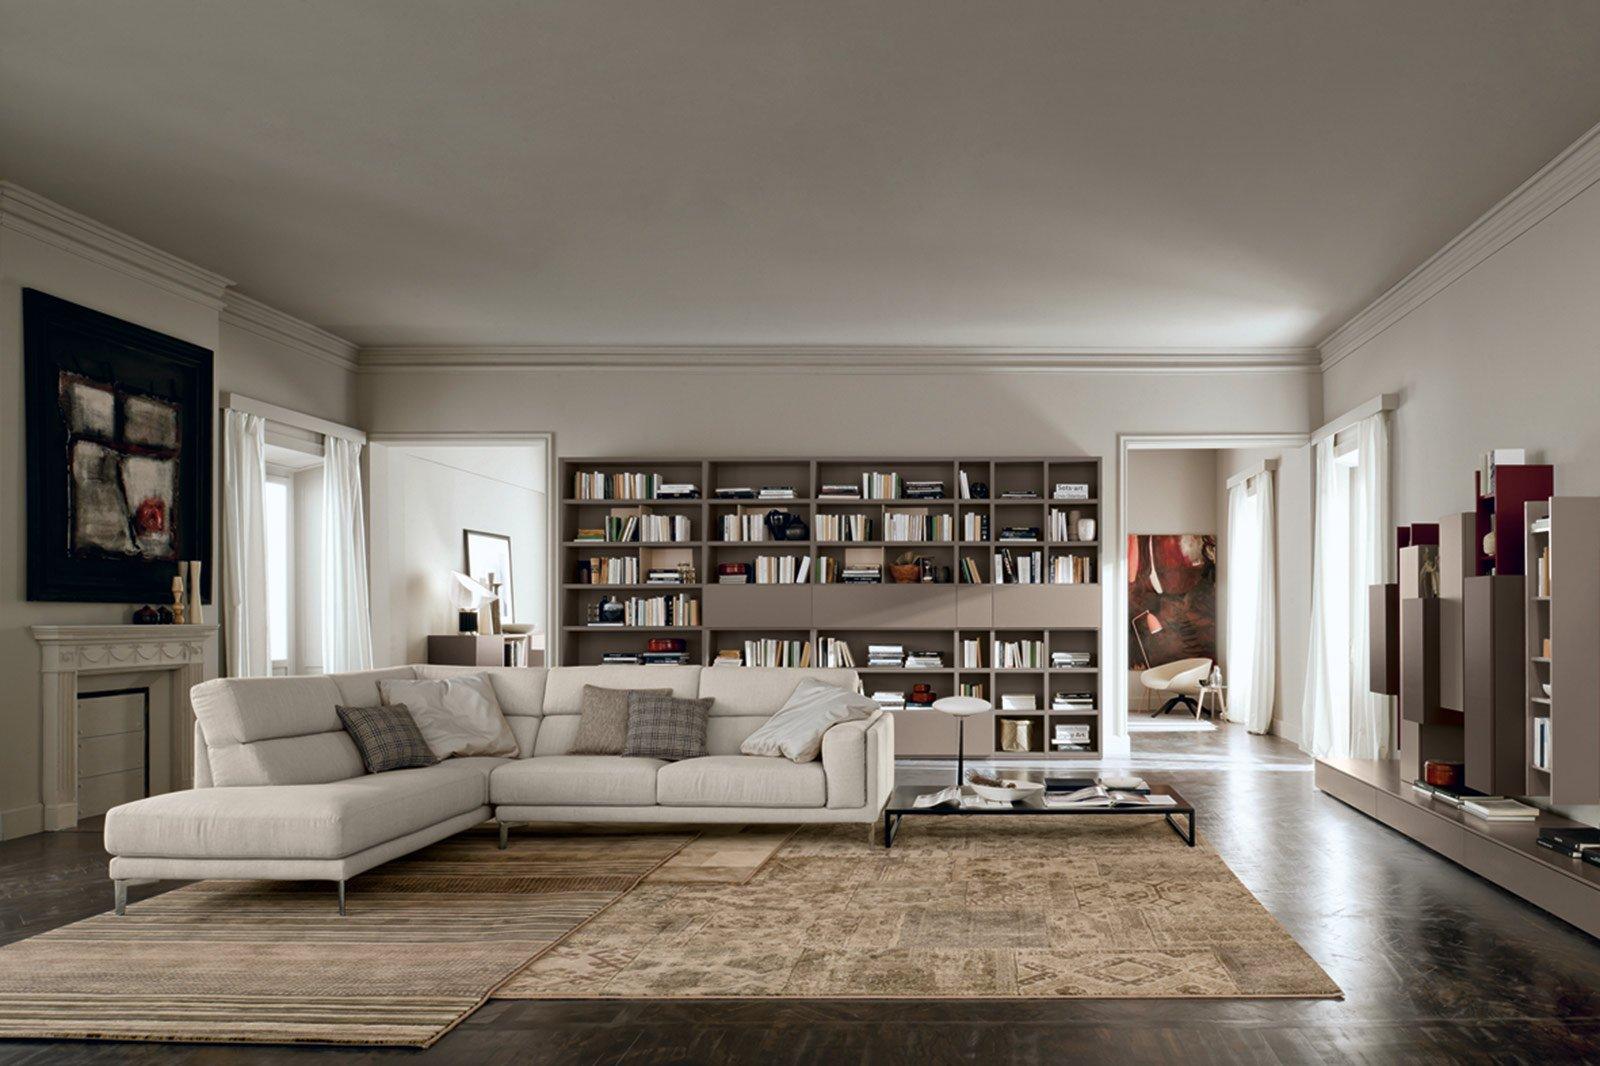 Salone del mobile 2014 le nuove librerie e pareti for Arredamento salone